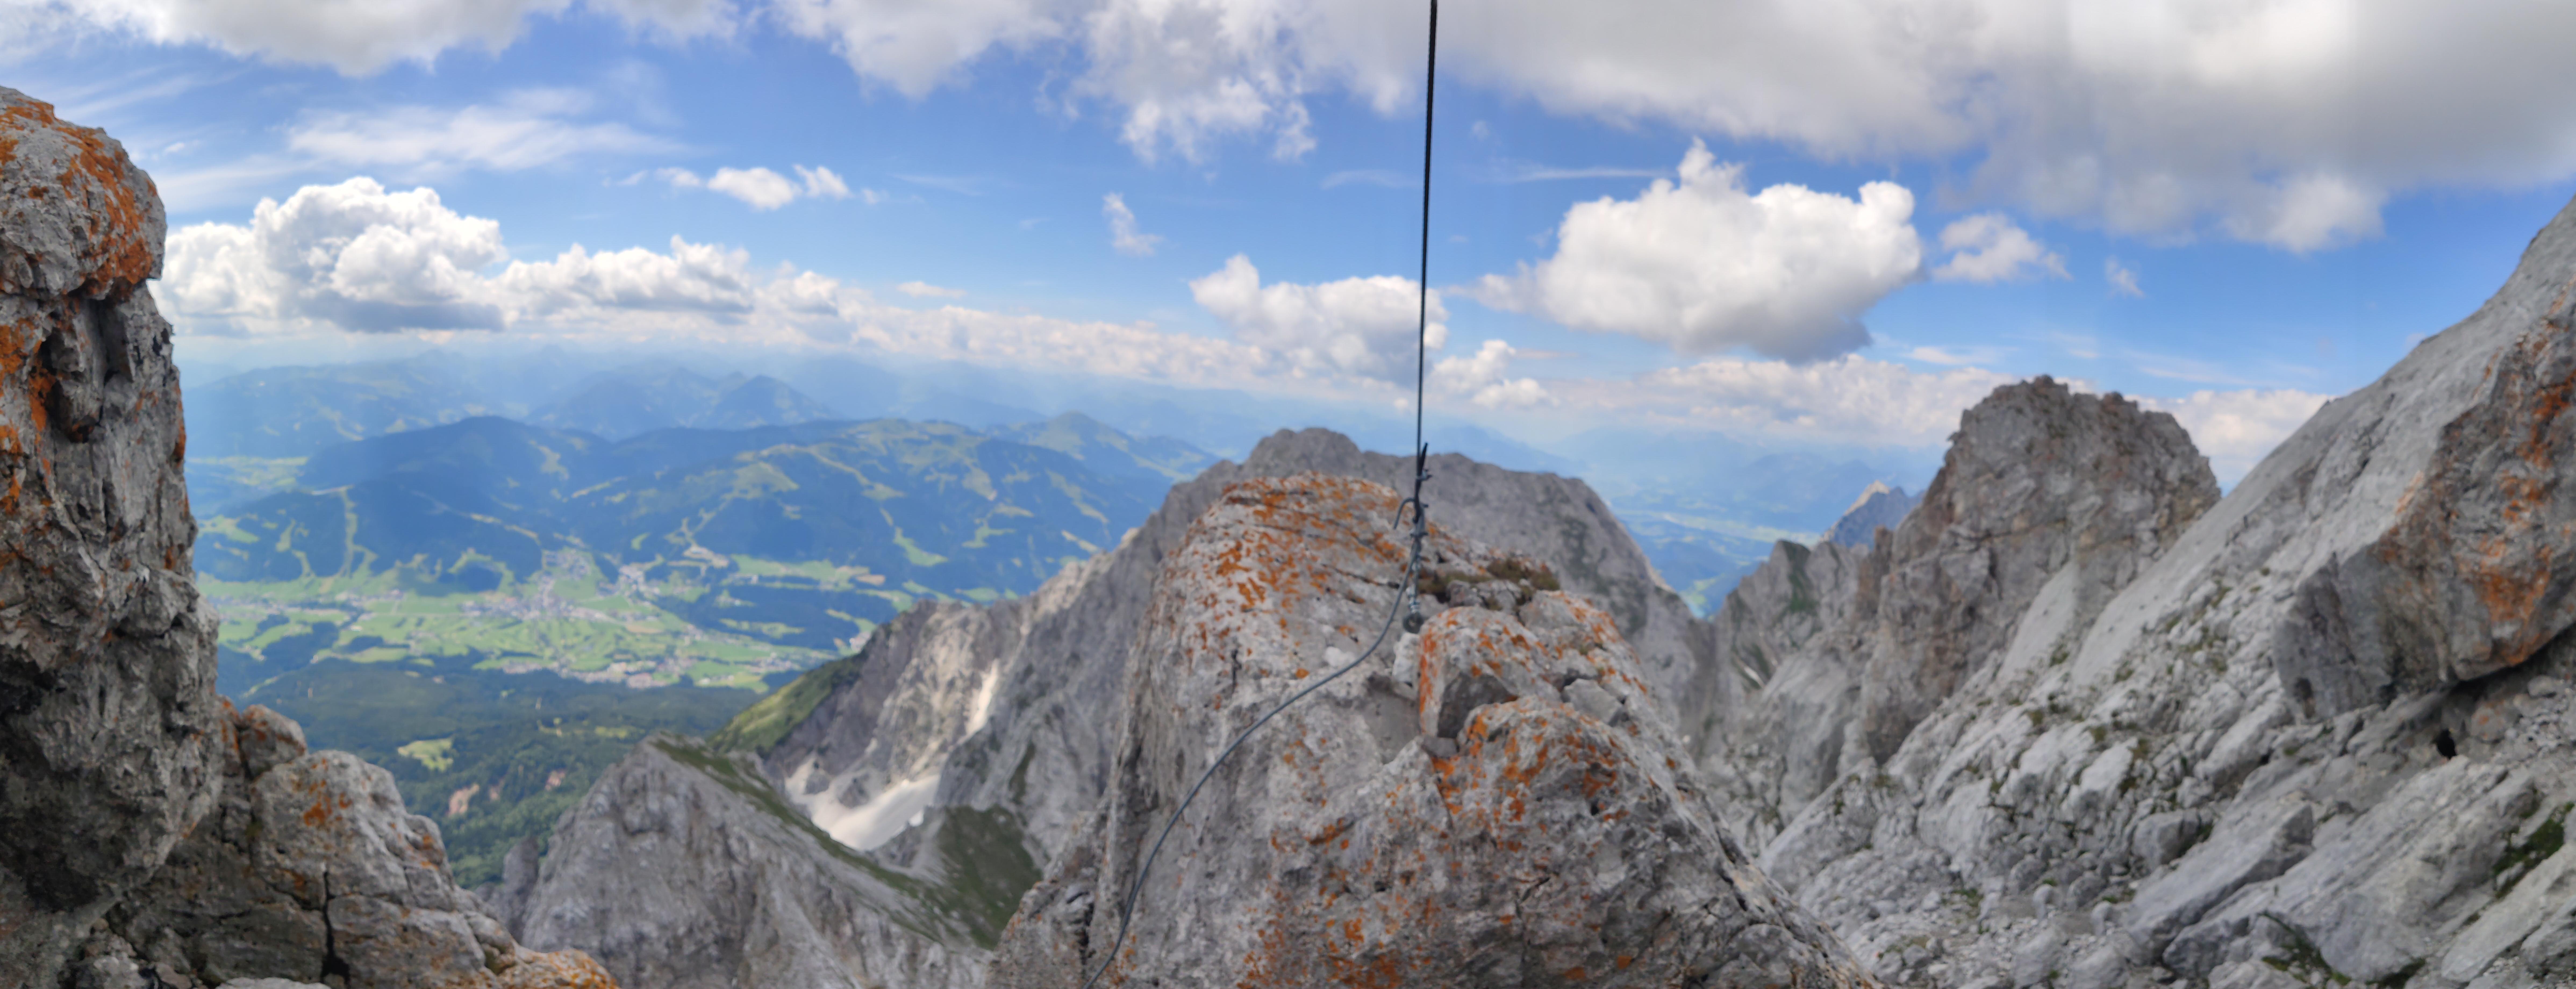 Ellmauer Halt Klettersteig